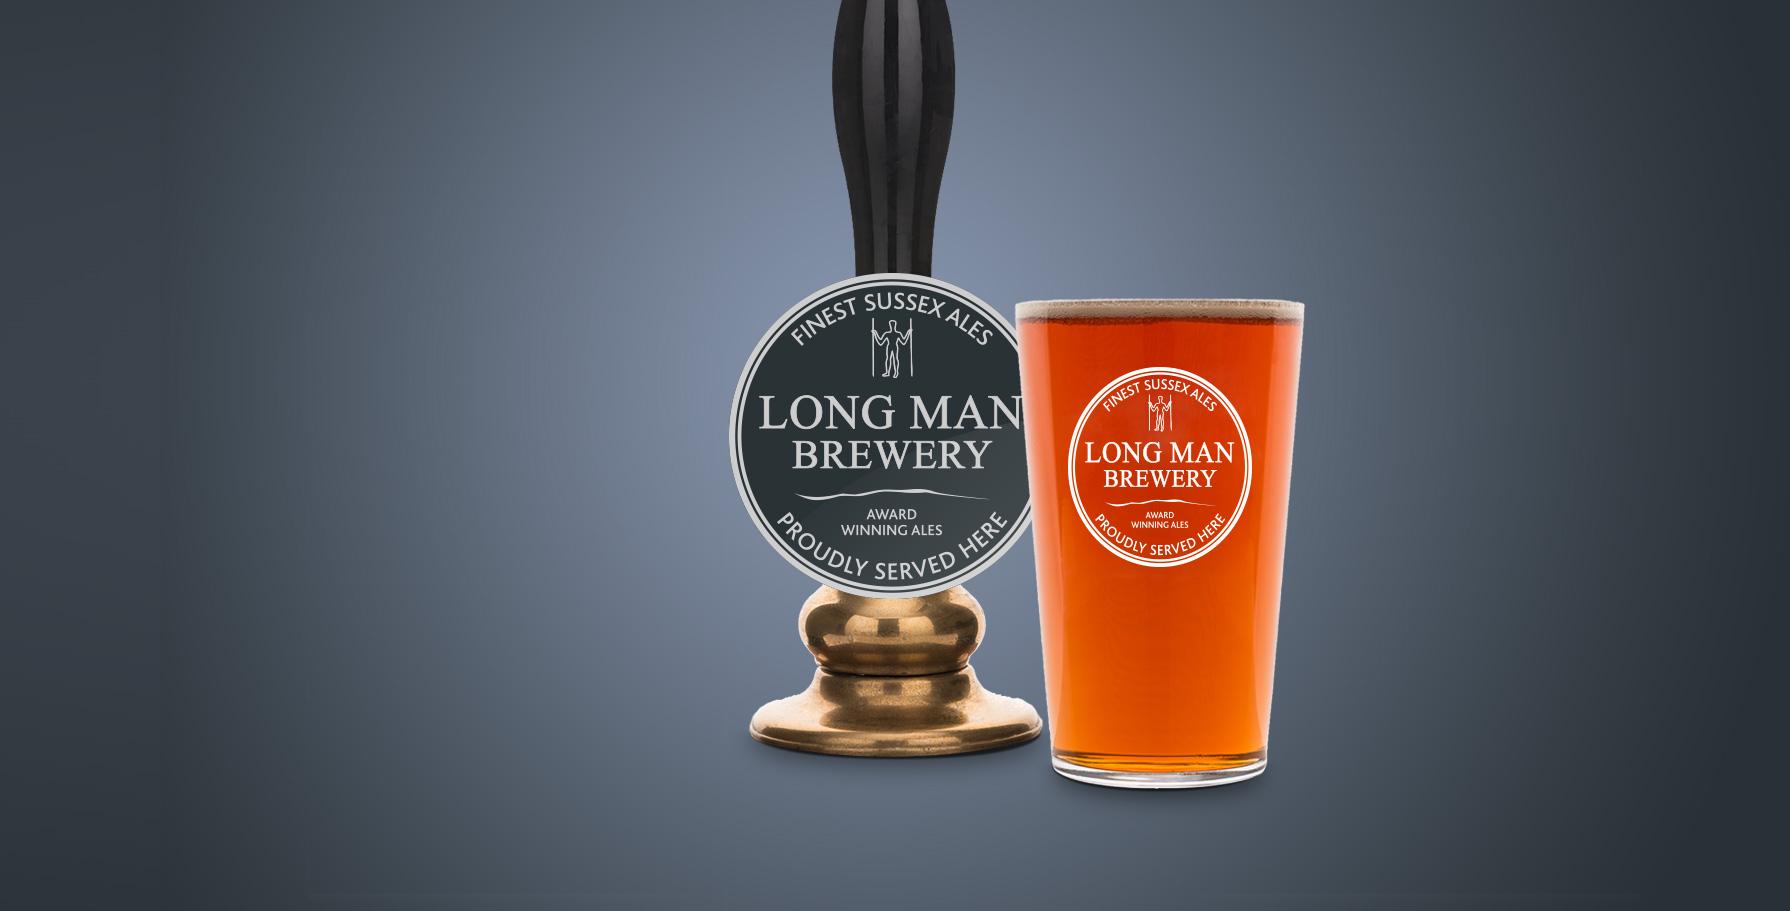 Long Man beer coming soon